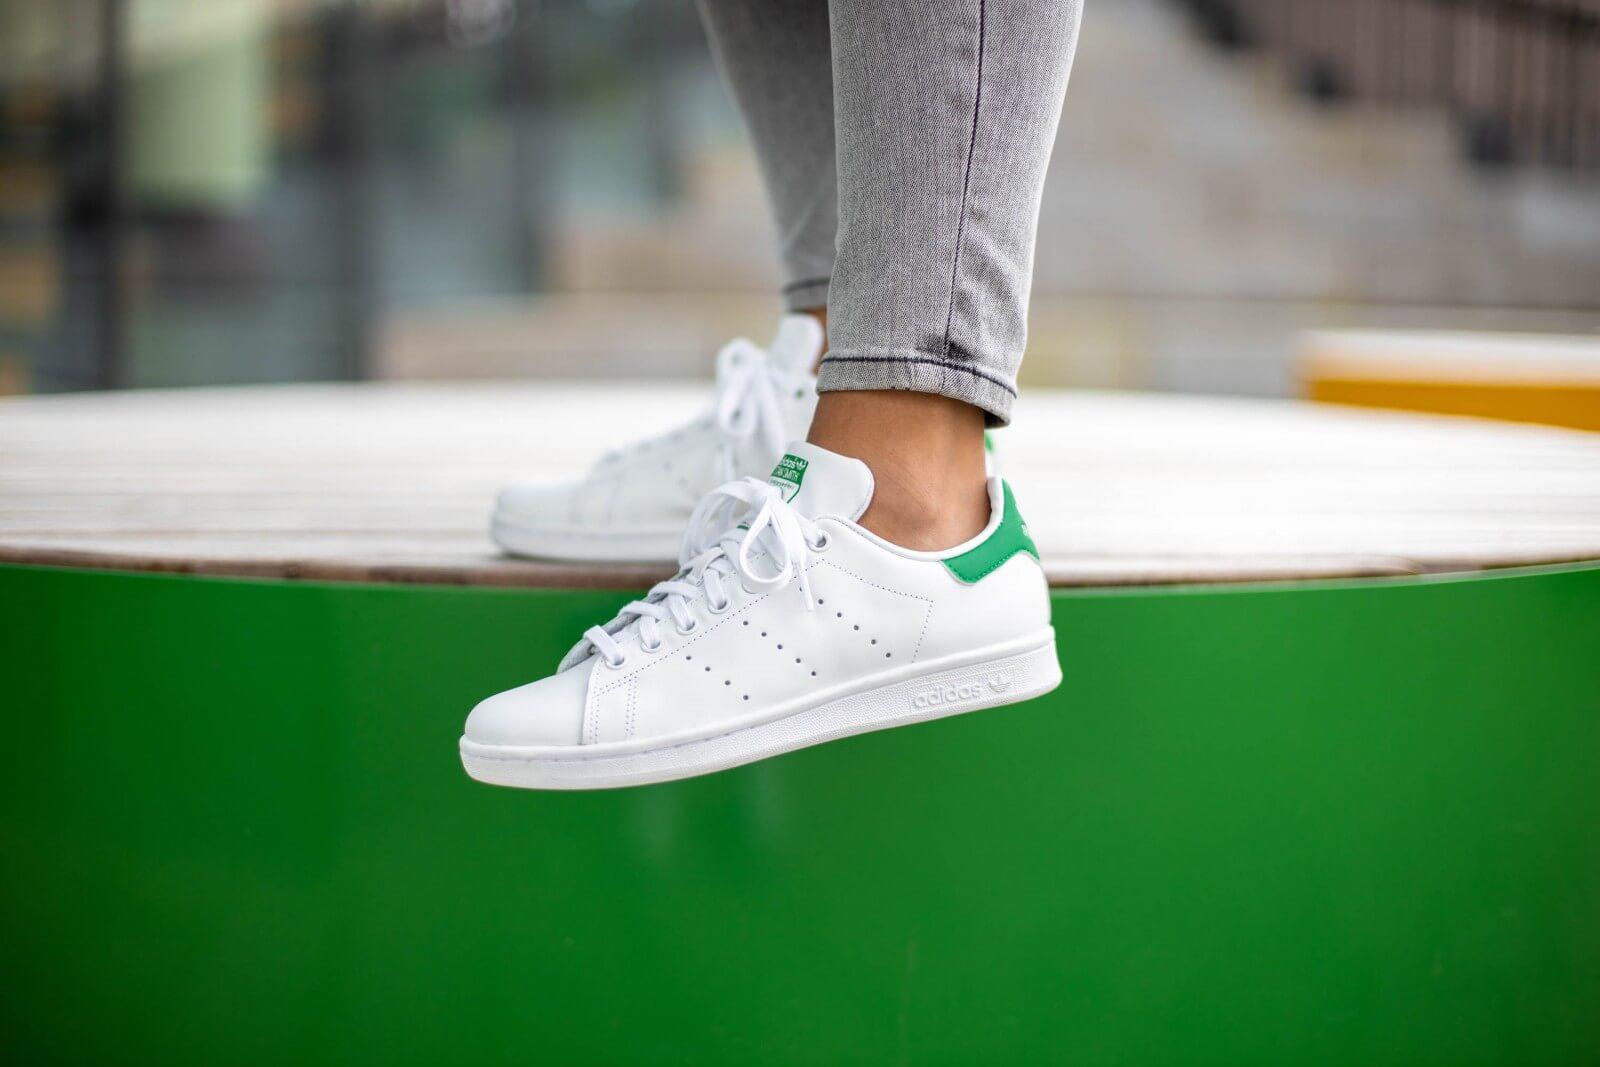 adidas stan smith core white green